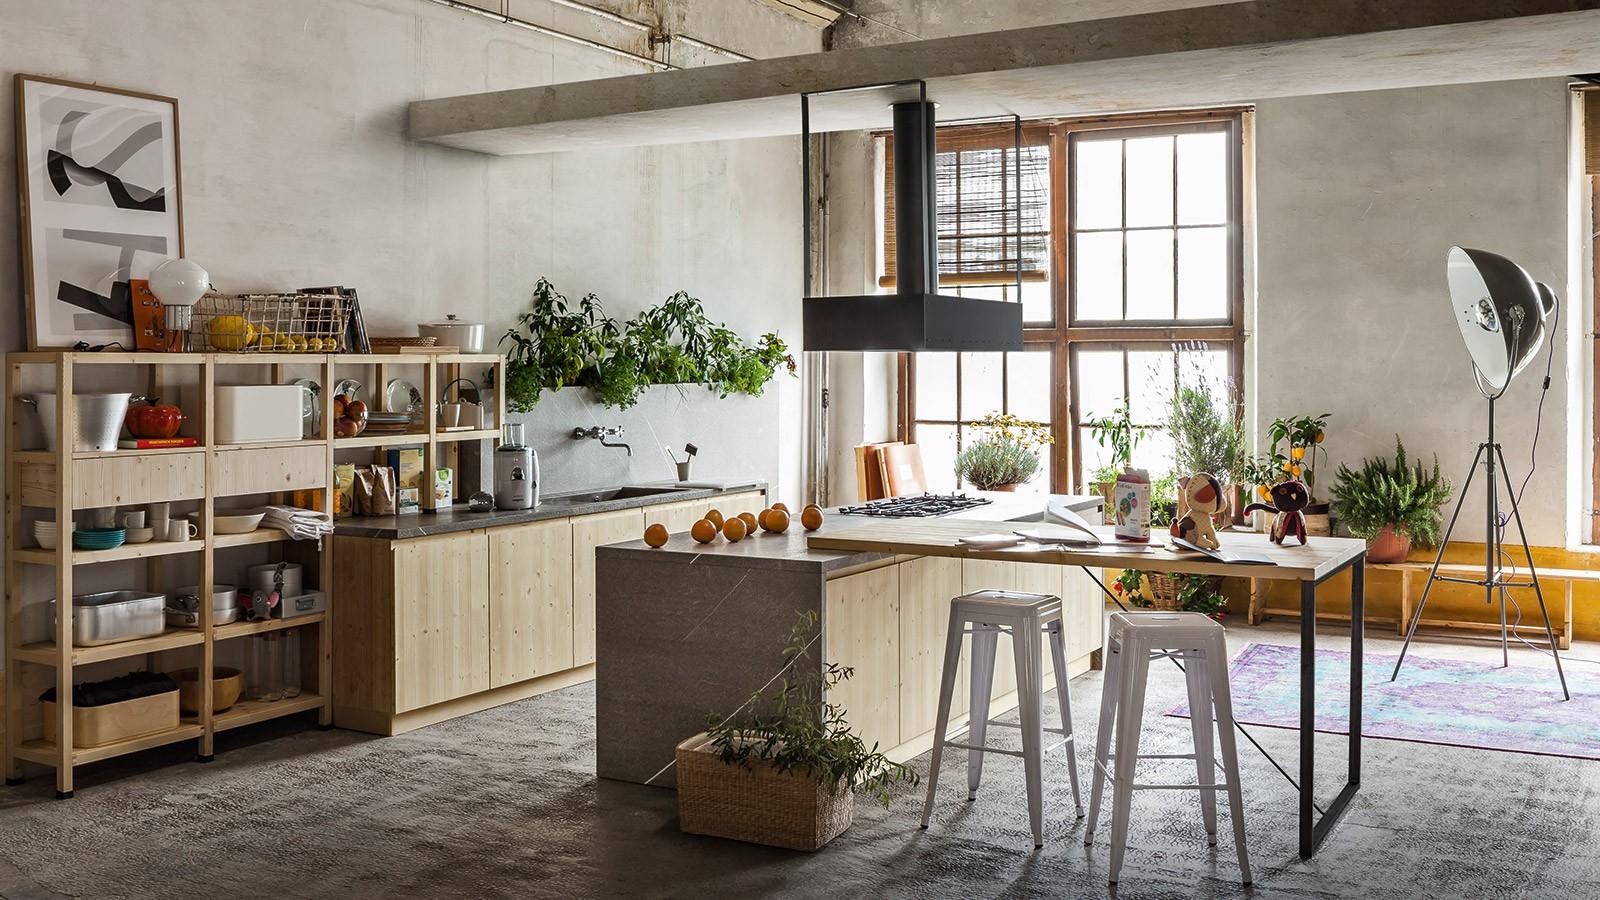 Cucine callesella urban   arredamenti cucine siciliane